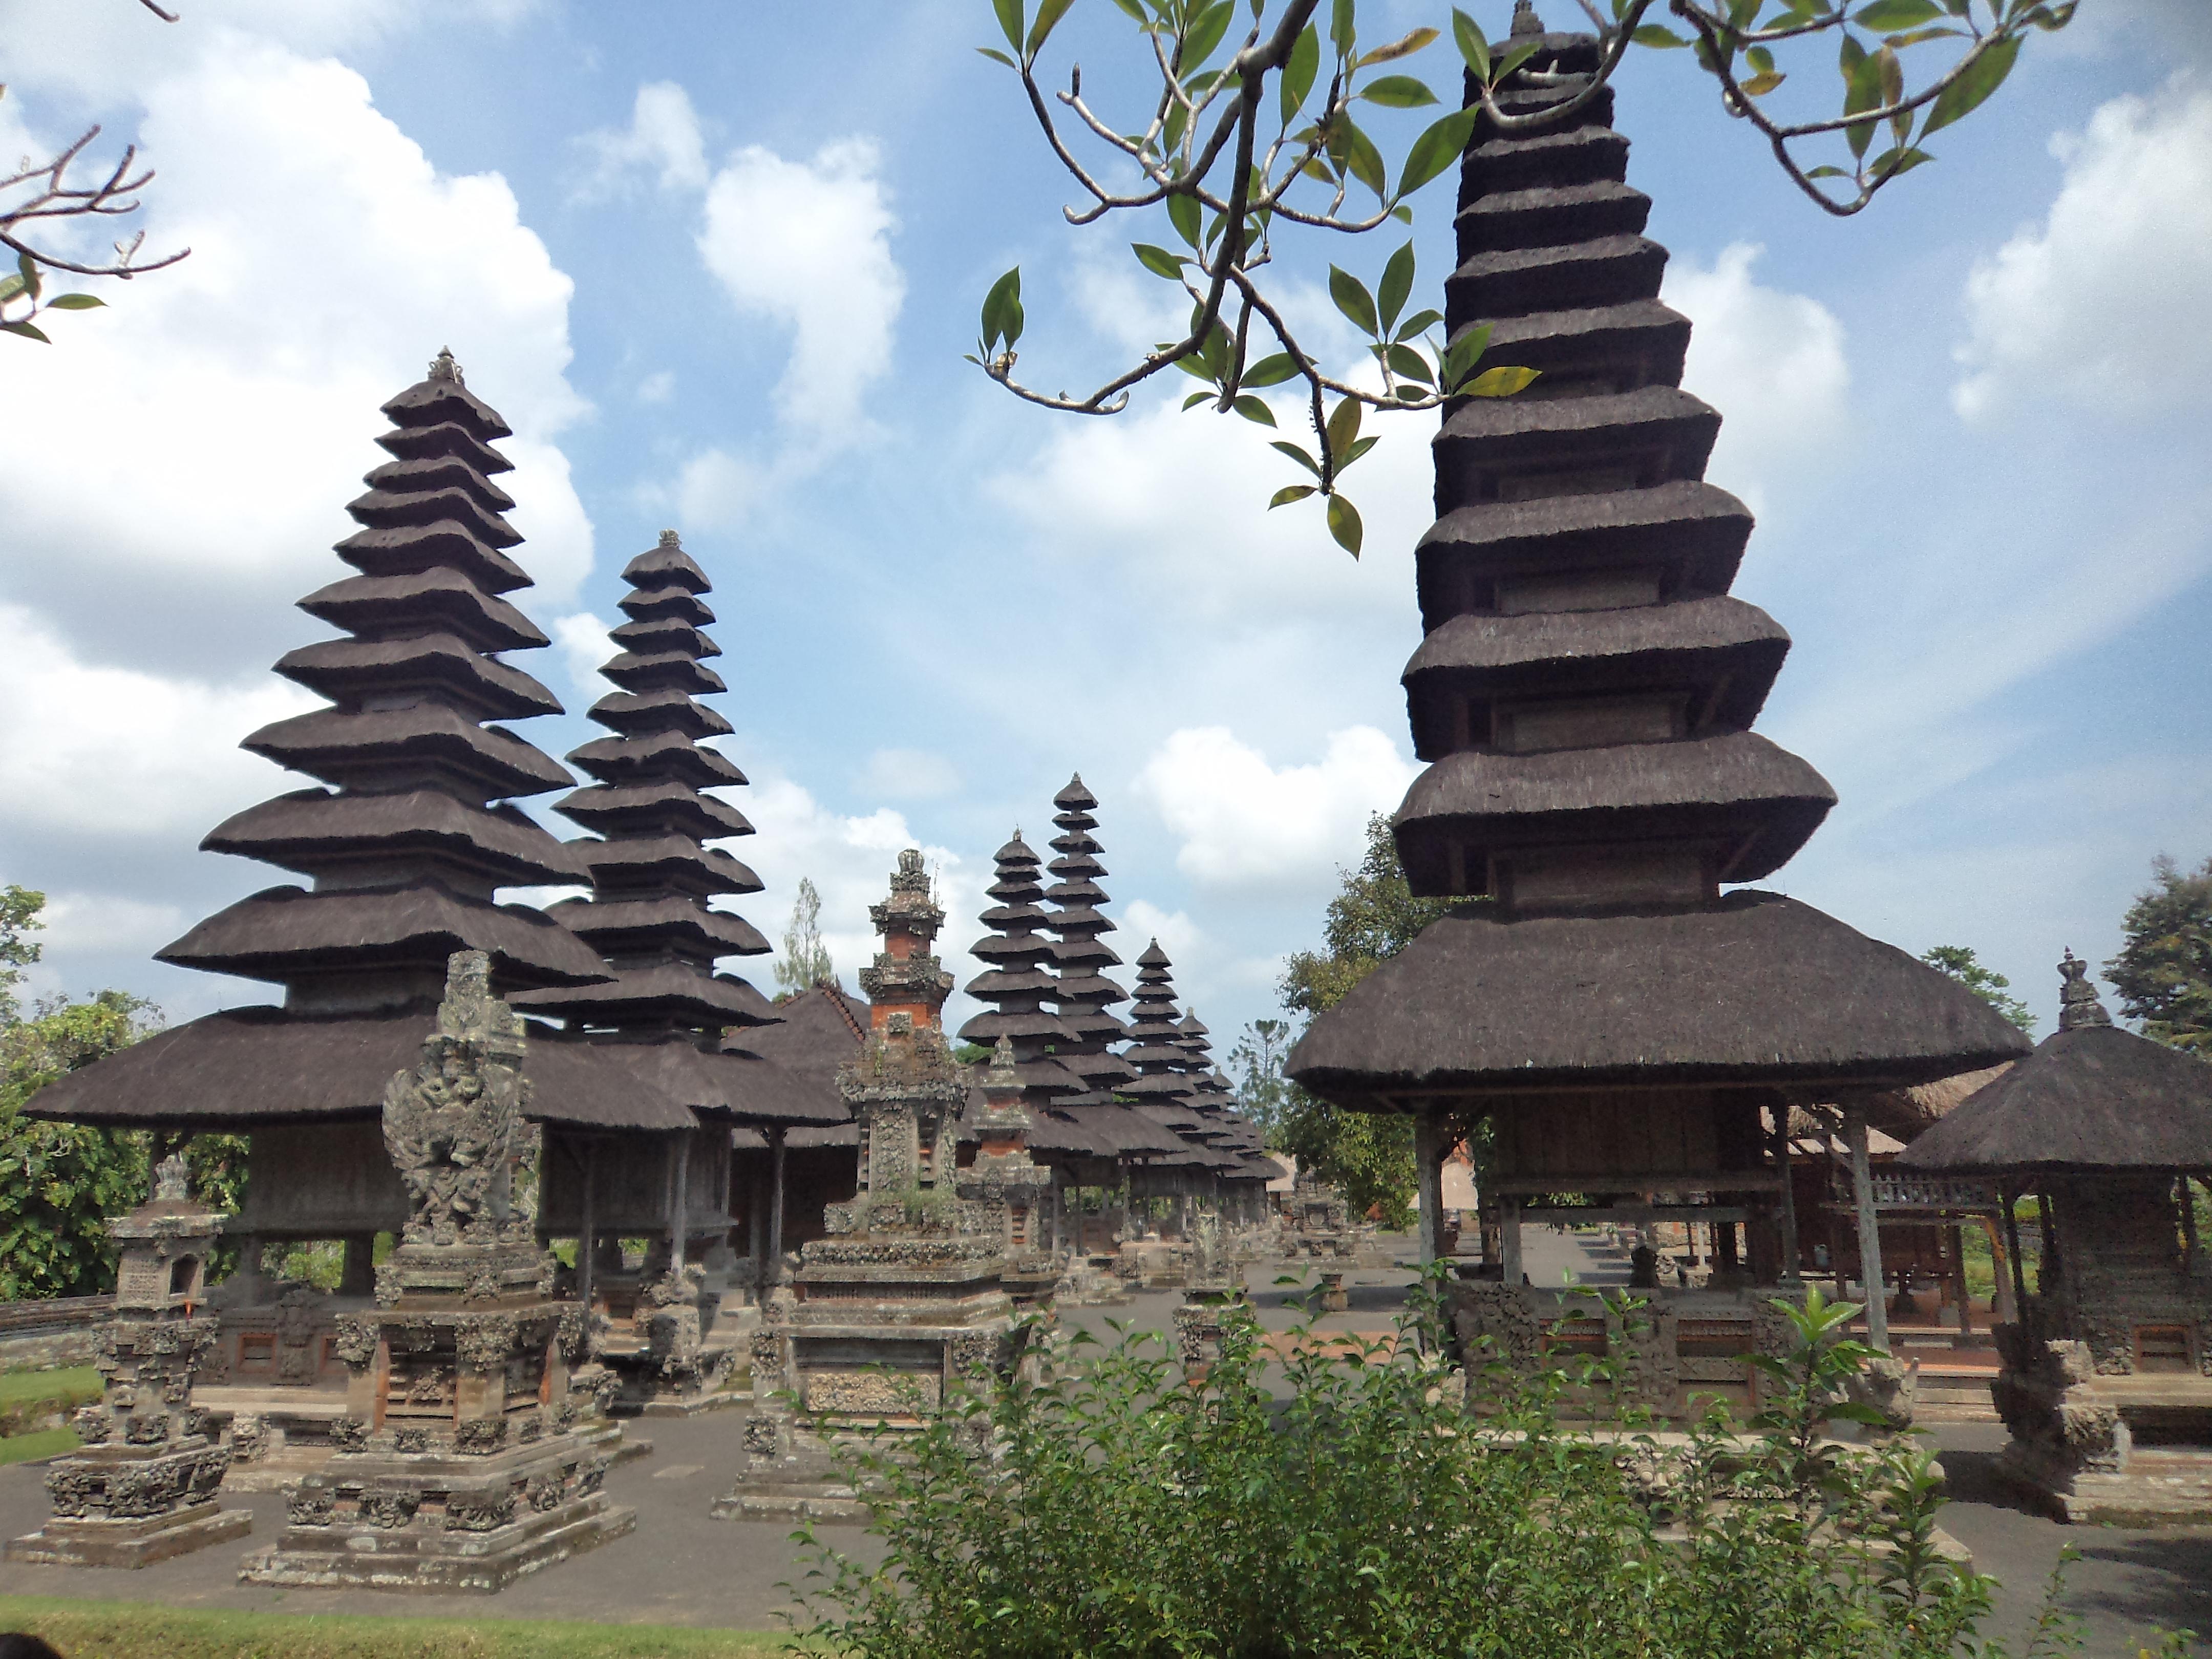 Royal Palace Temple or Taman ayun Temple, Bali